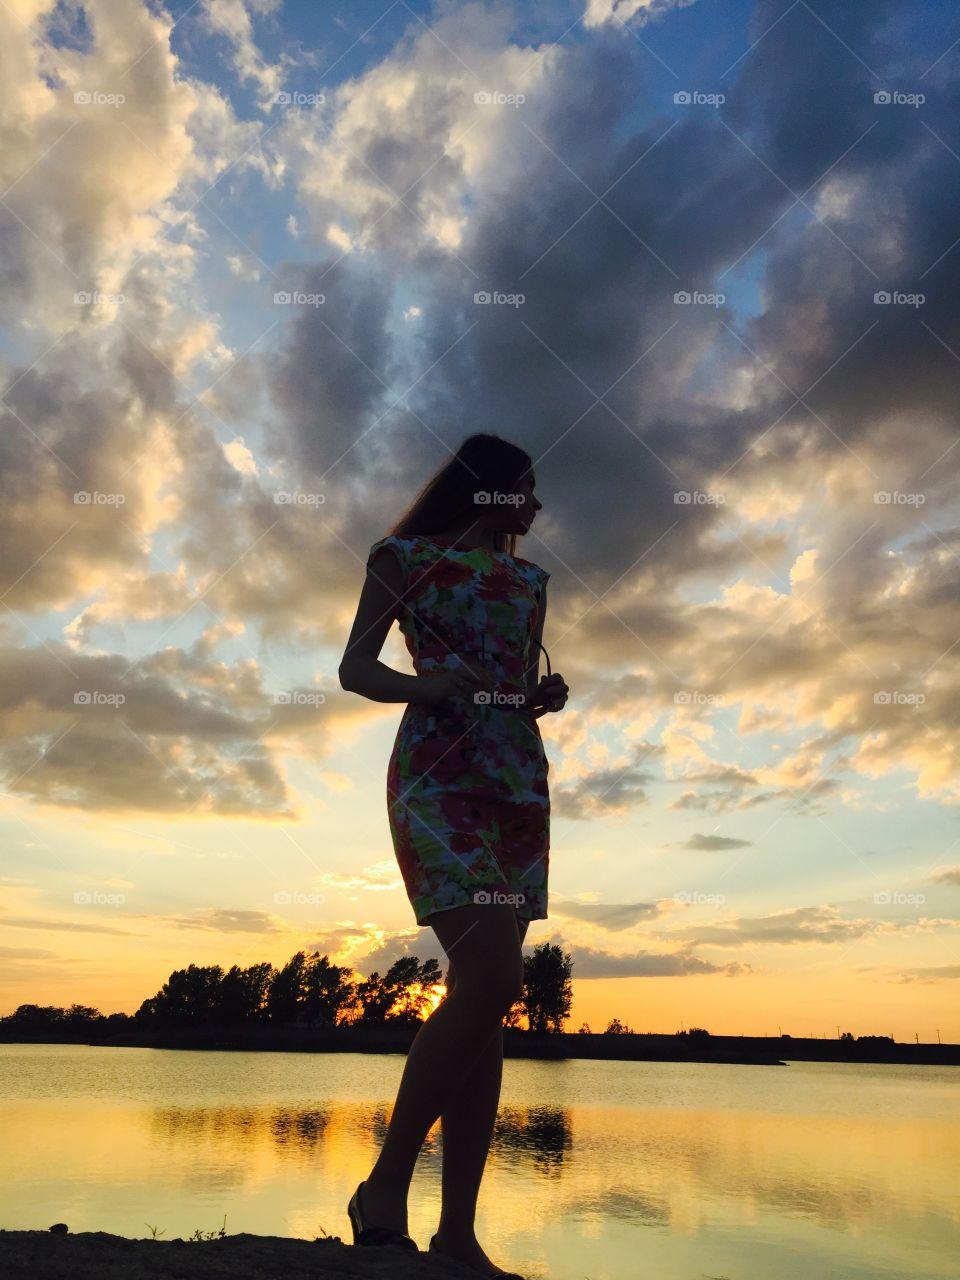 Woman posing near lake during sunset